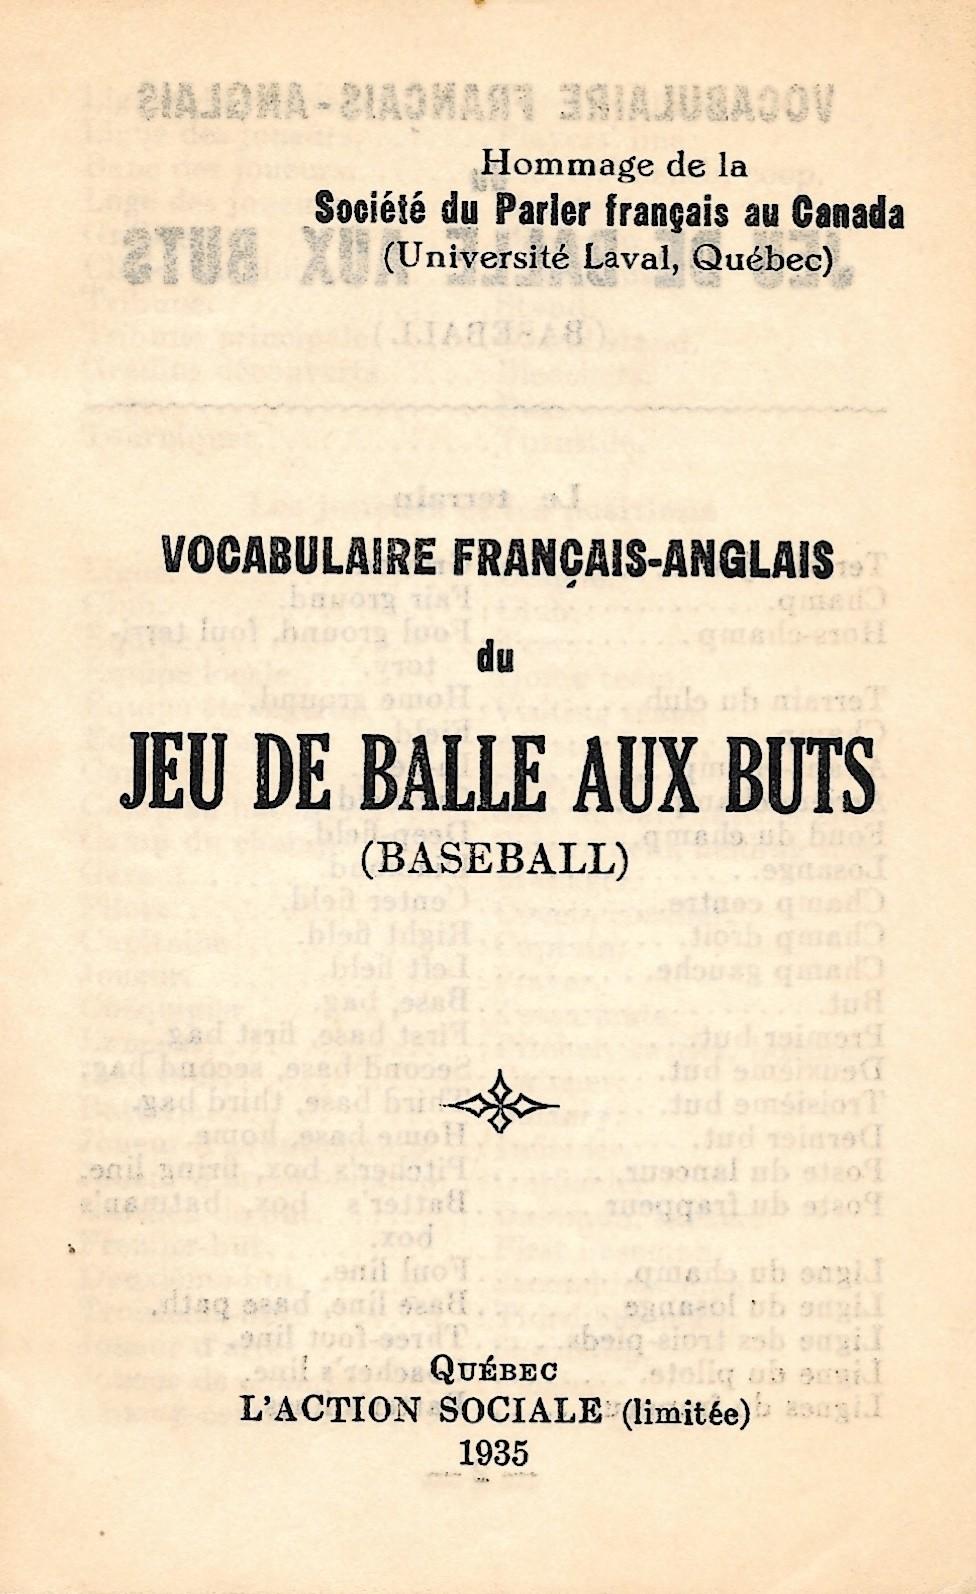 Vocabulaire français-anglais du jeu de balle aux buts (baseball)